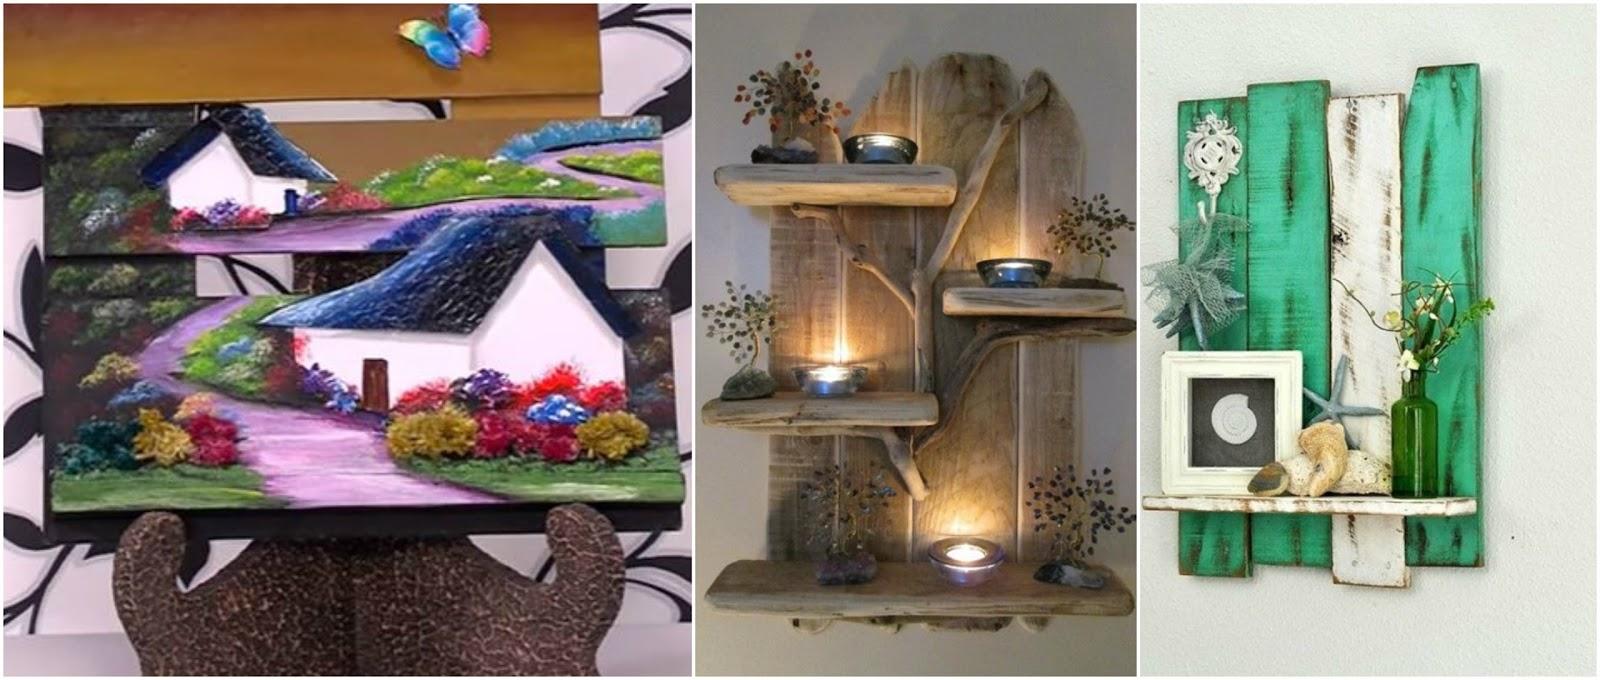 7 adornos nicos para la pared con tablas de madera for Adornos de madera para pared